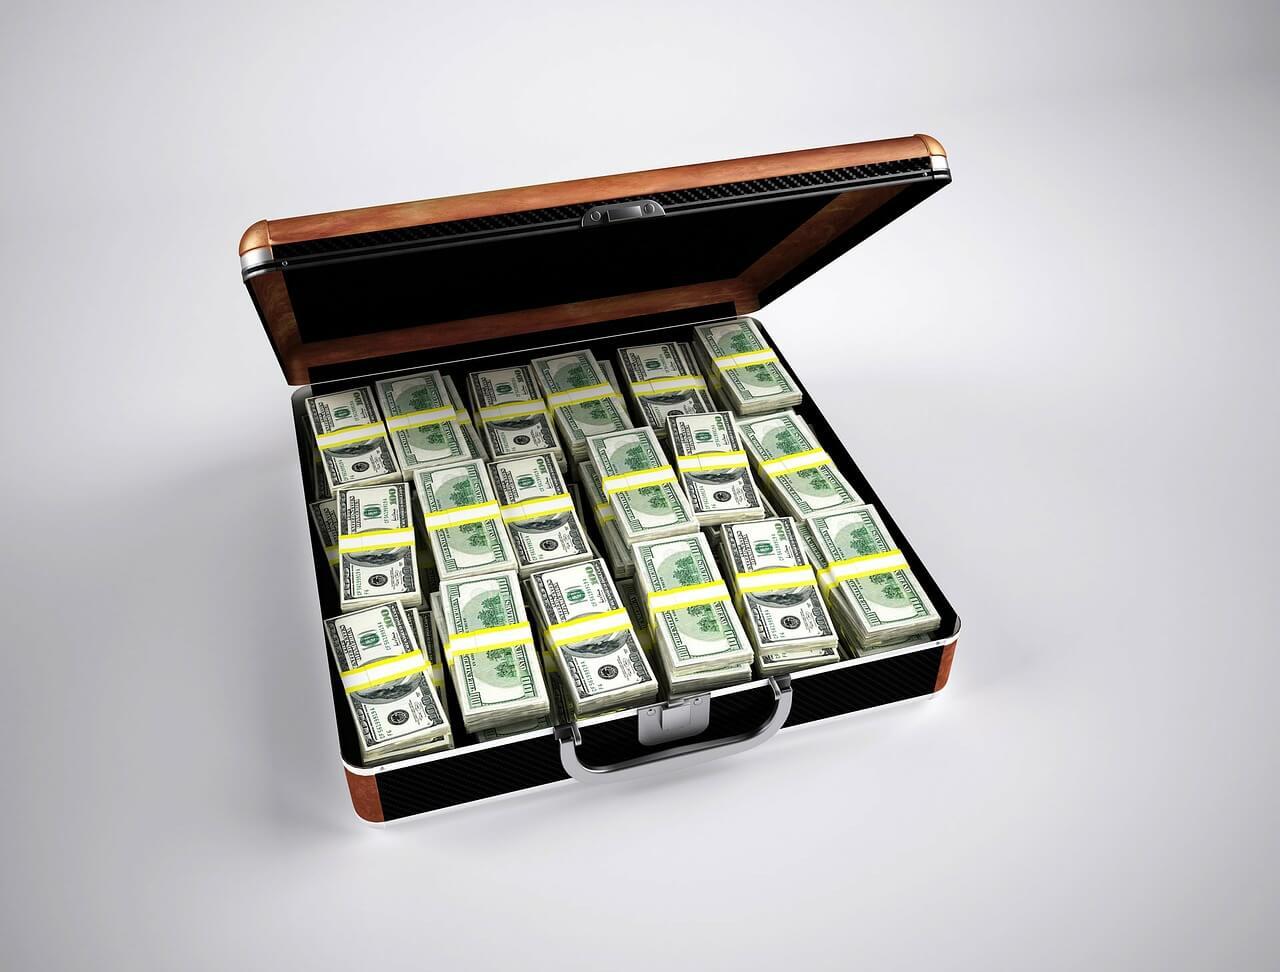 米国株の通算キャピタル損益は231万円の赤字!?